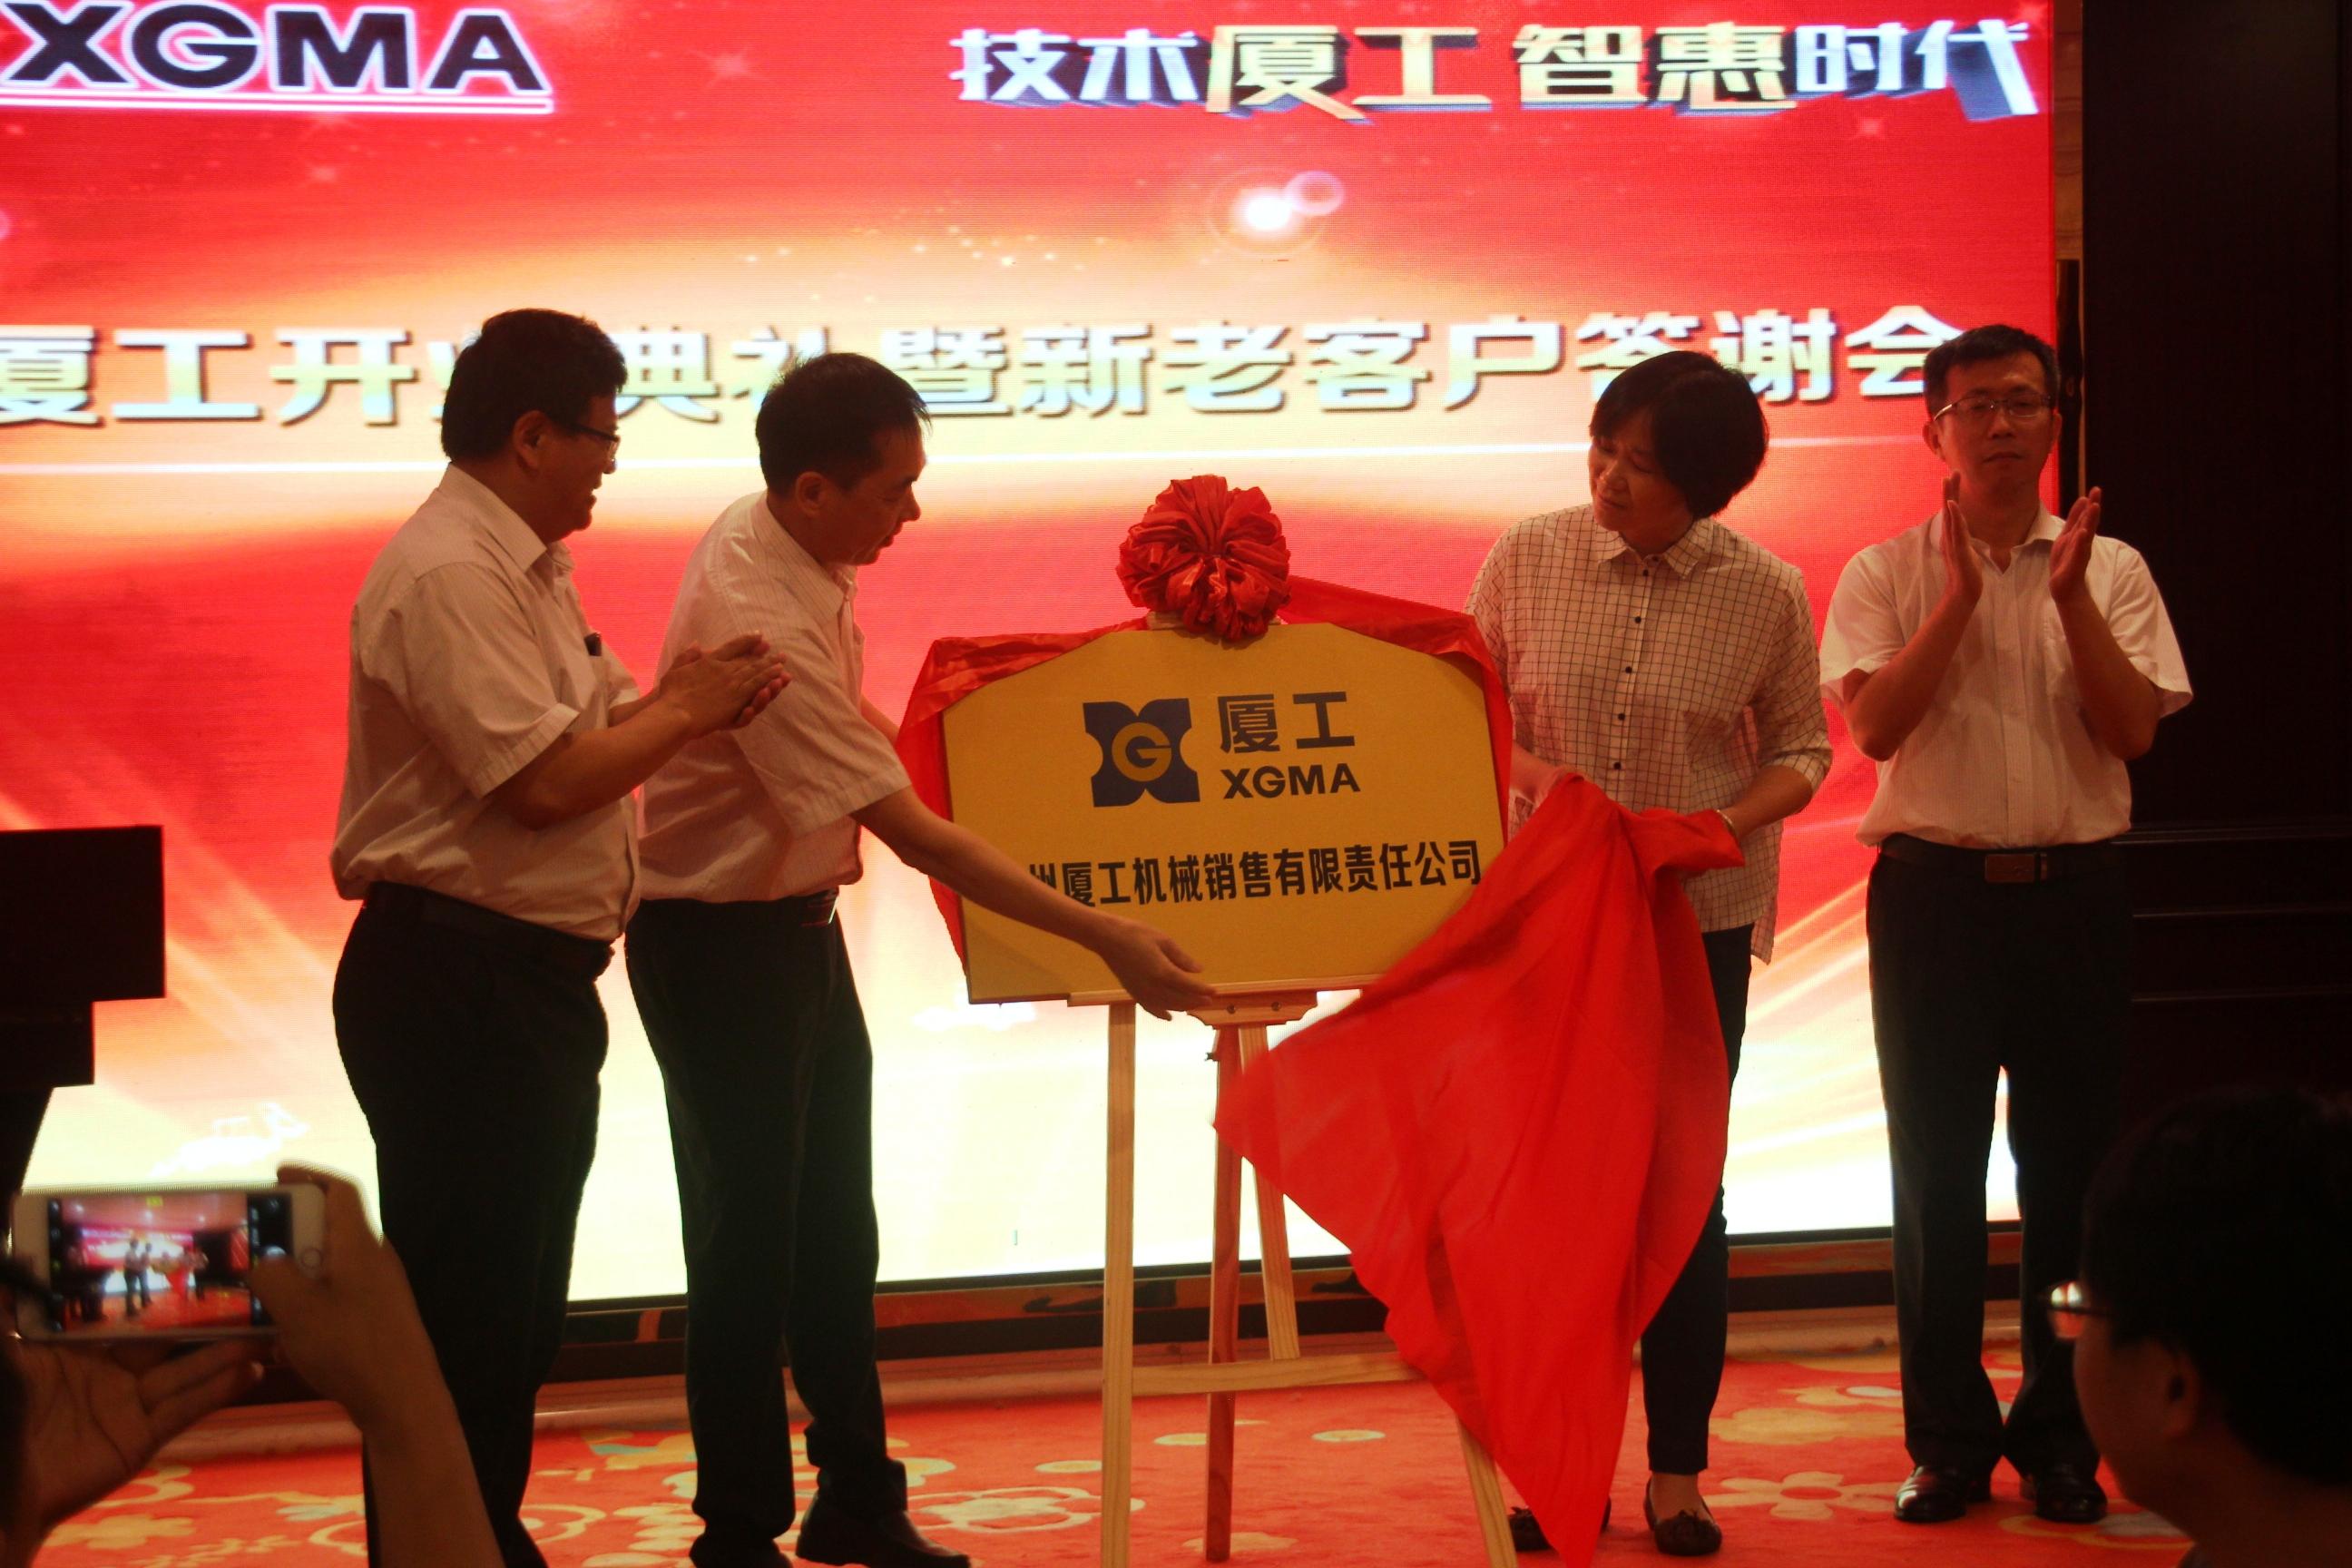 掀起红盖头 迈向新征程   杭州厦工开业庆典暨新老客户答谢会在杭州隆重举行